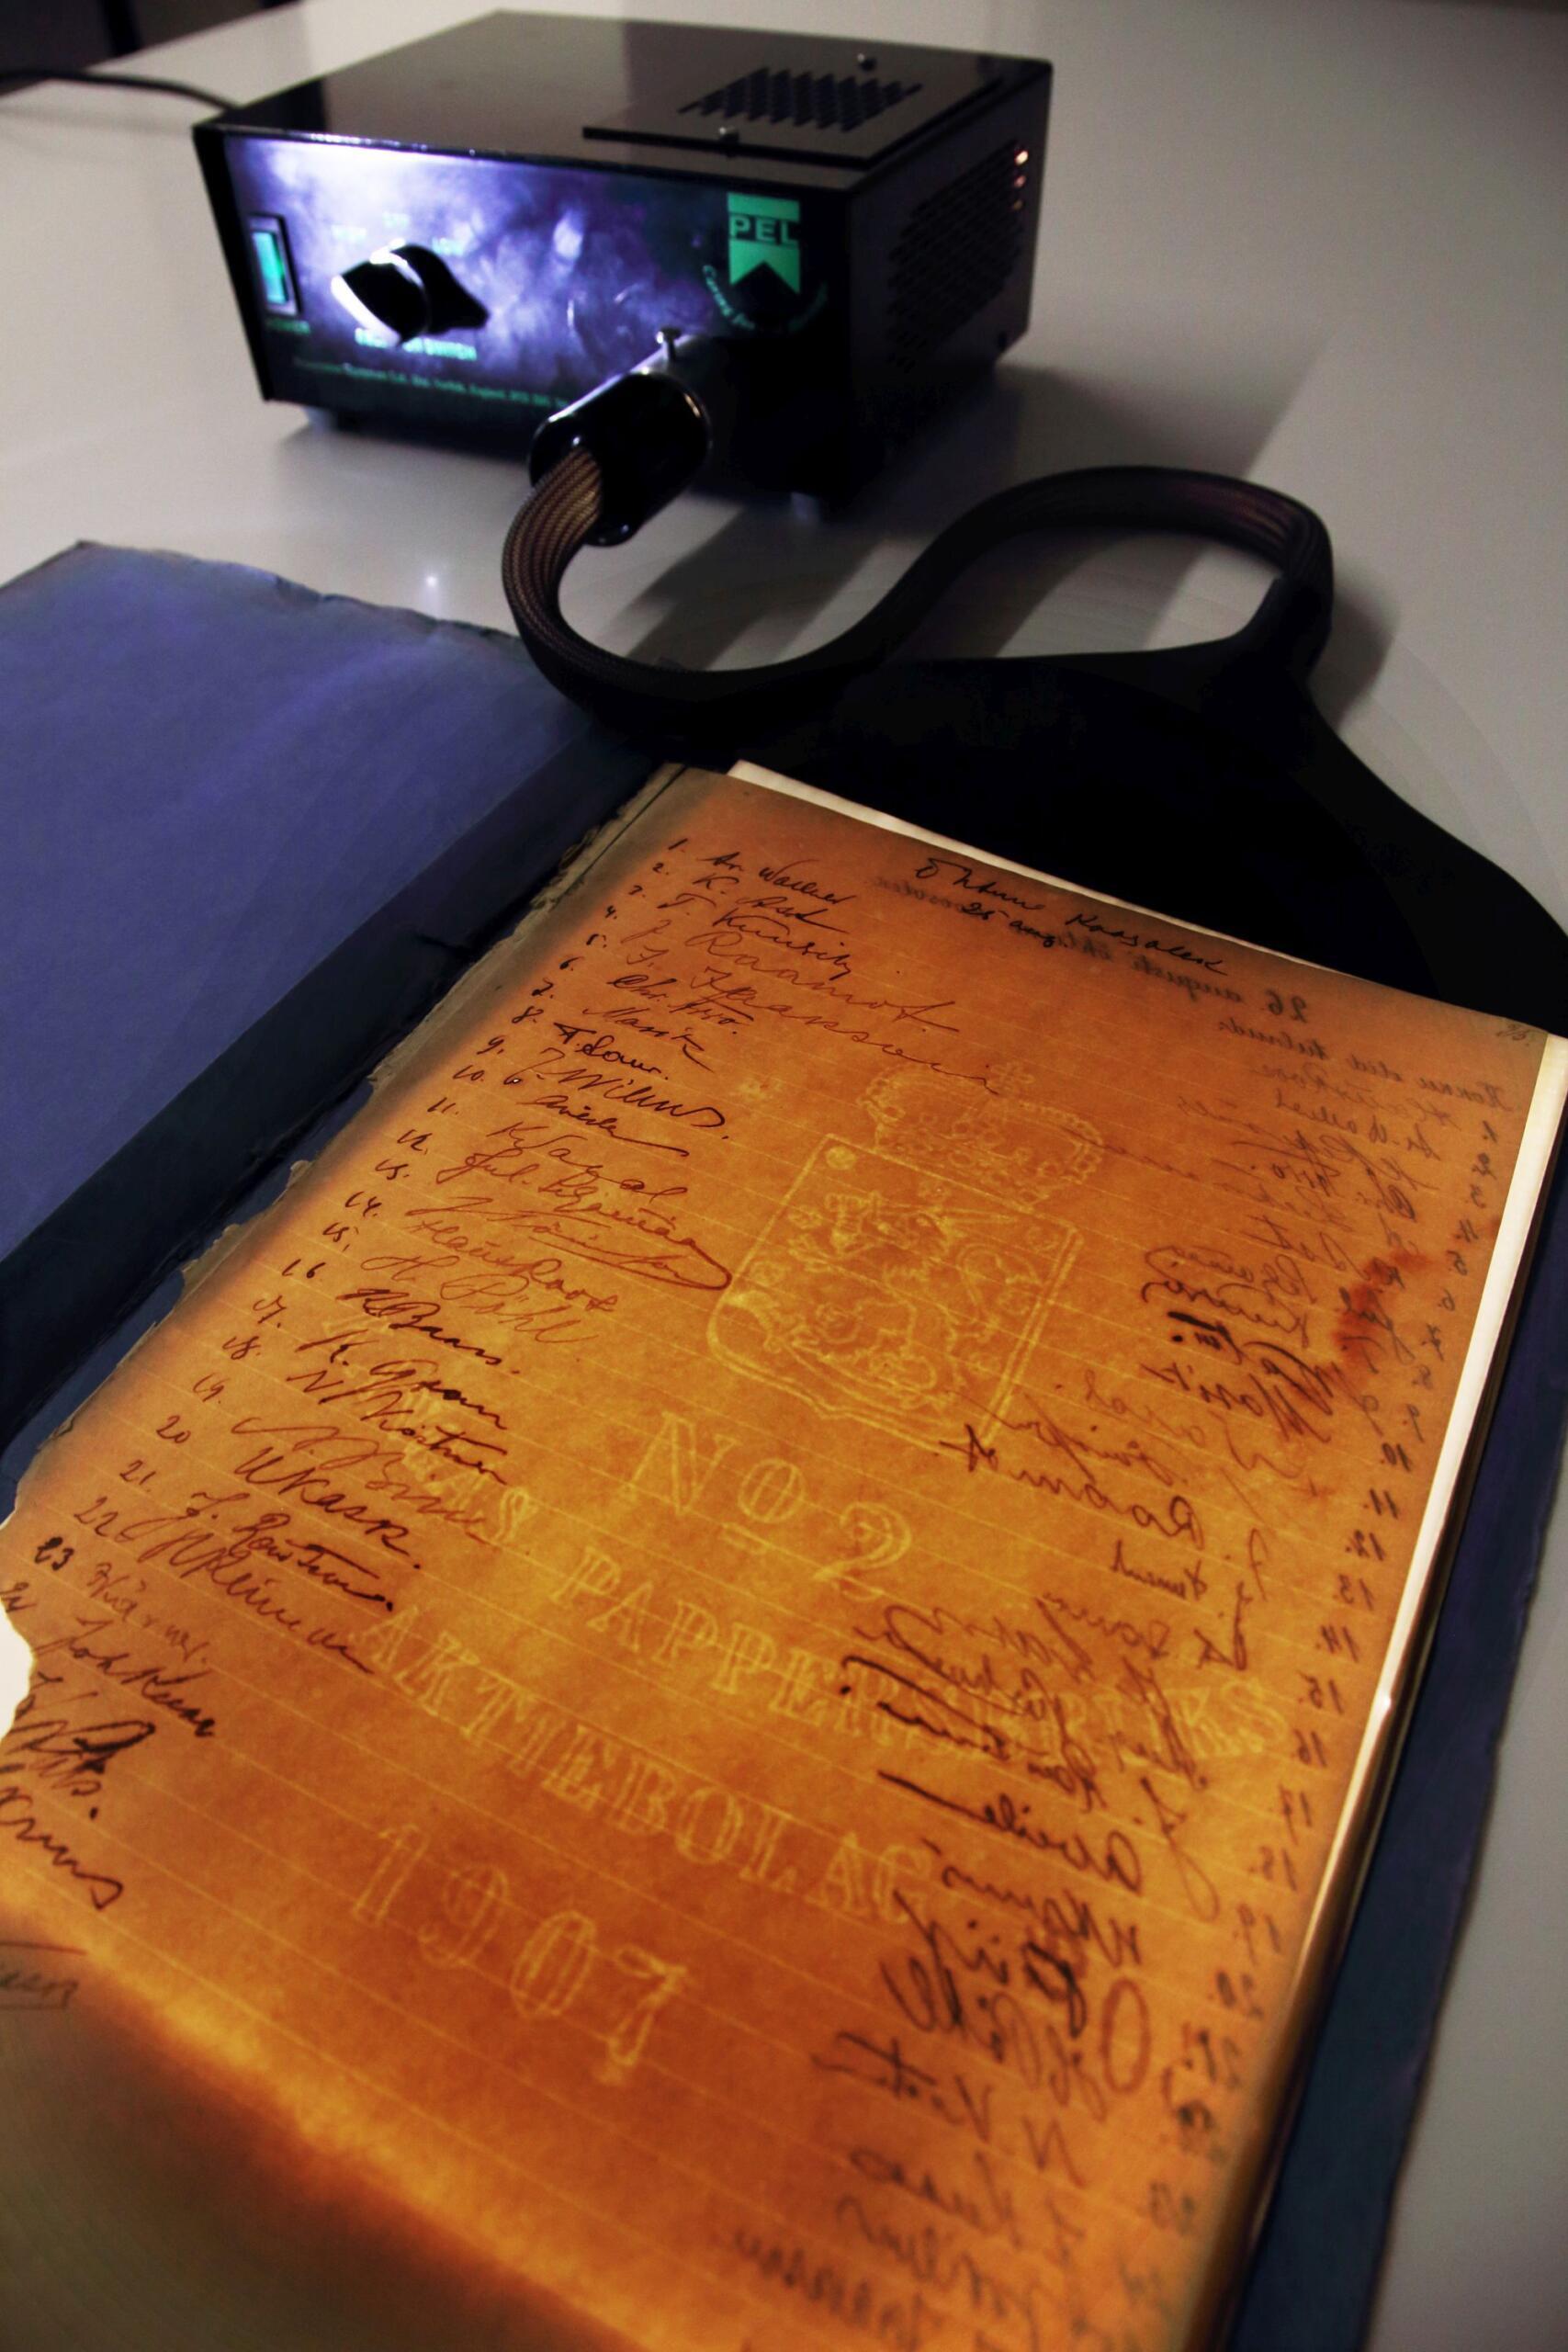 Valgusleht paljastamas NOORA püsinäituse objekti sisemaailma. Vesimärk kõneleb, et see paber on valmistatud Soomes Kangase paberivabrikus